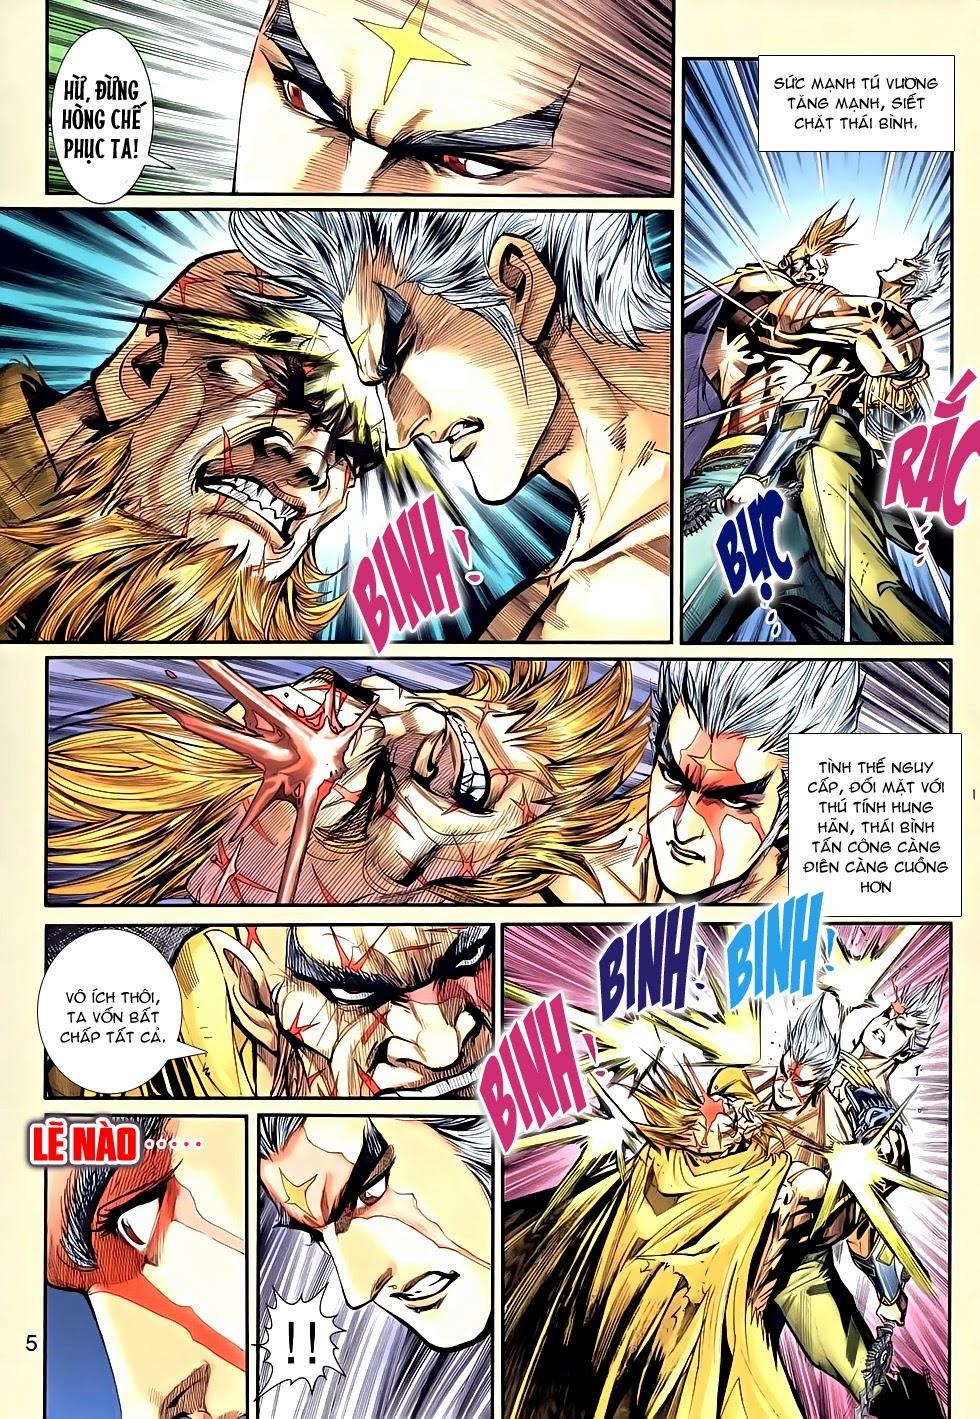 Thần Binh Tiền Truyện 2 chap 21 Trang 5 - Mangak.info